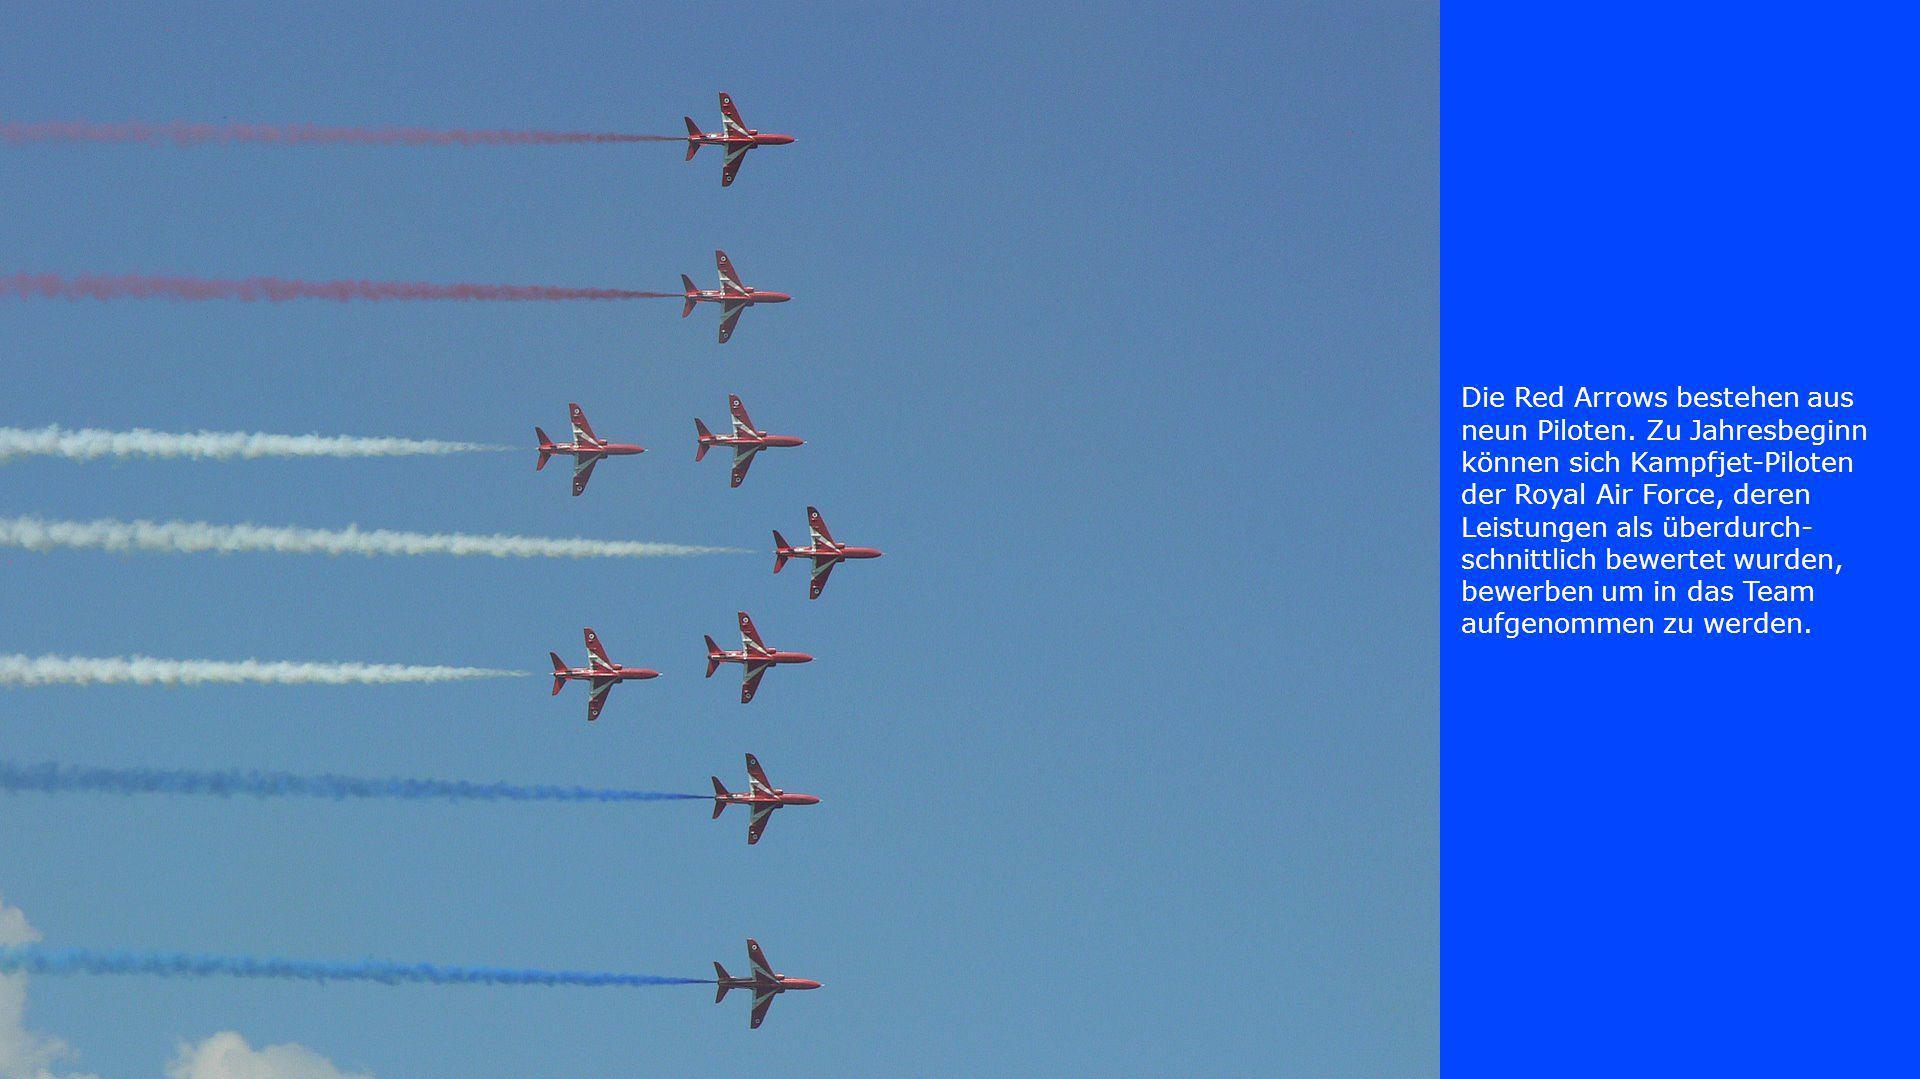 Die Red Arrows bestehen aus neun Piloten. Zu Jahresbeginn können sich Kampfjet-Piloten der Royal Air Force, deren Leistungen als überdurch- schnittlic